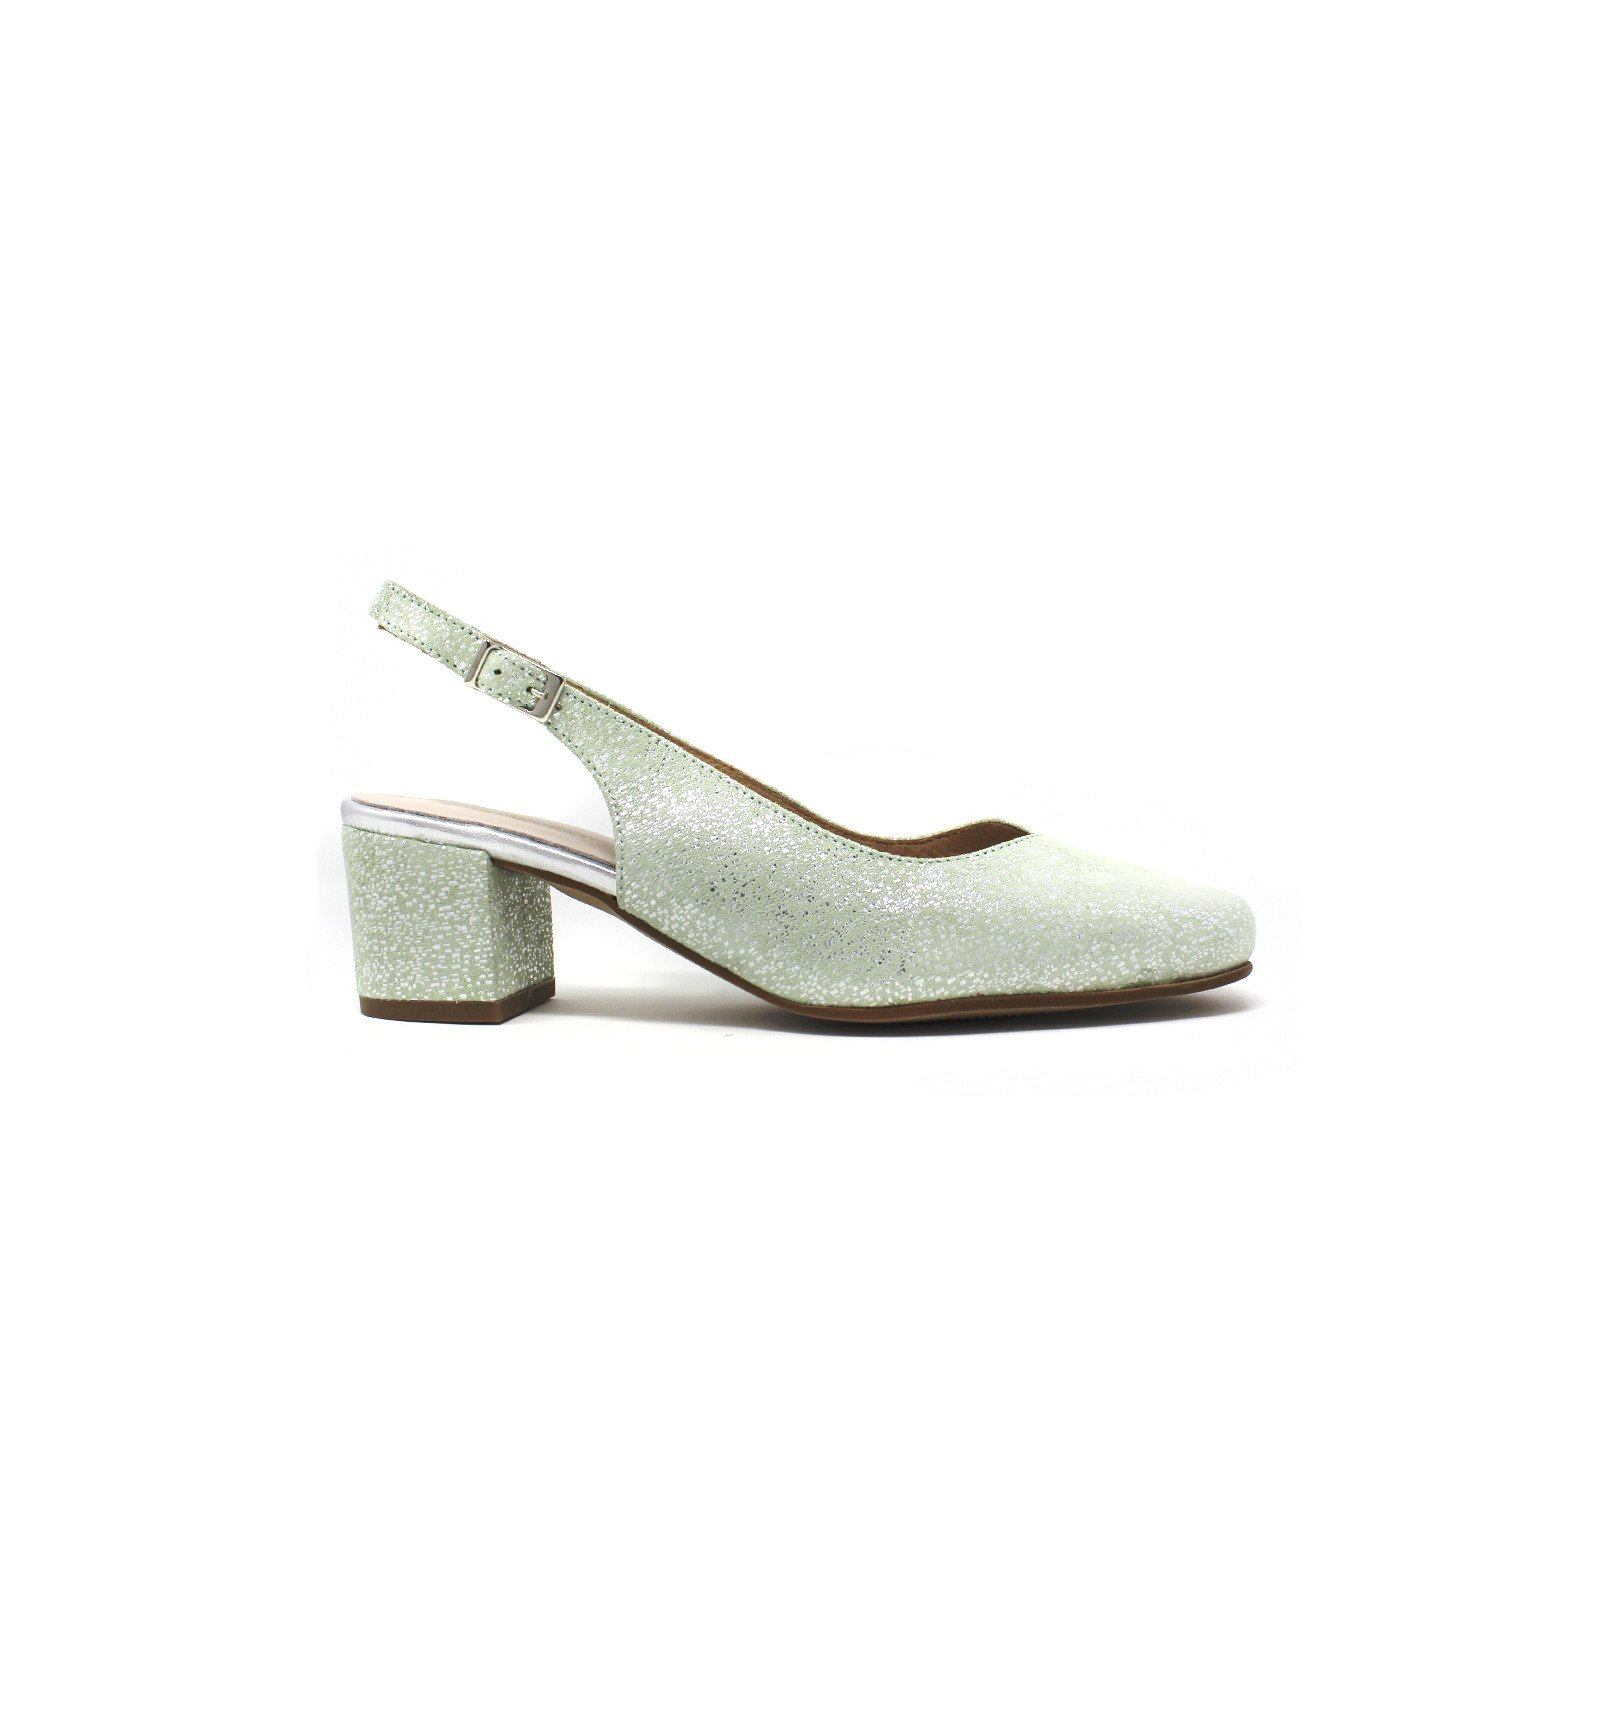 26464cd050e Pomares - Zapato salón verde con brillante para mujer